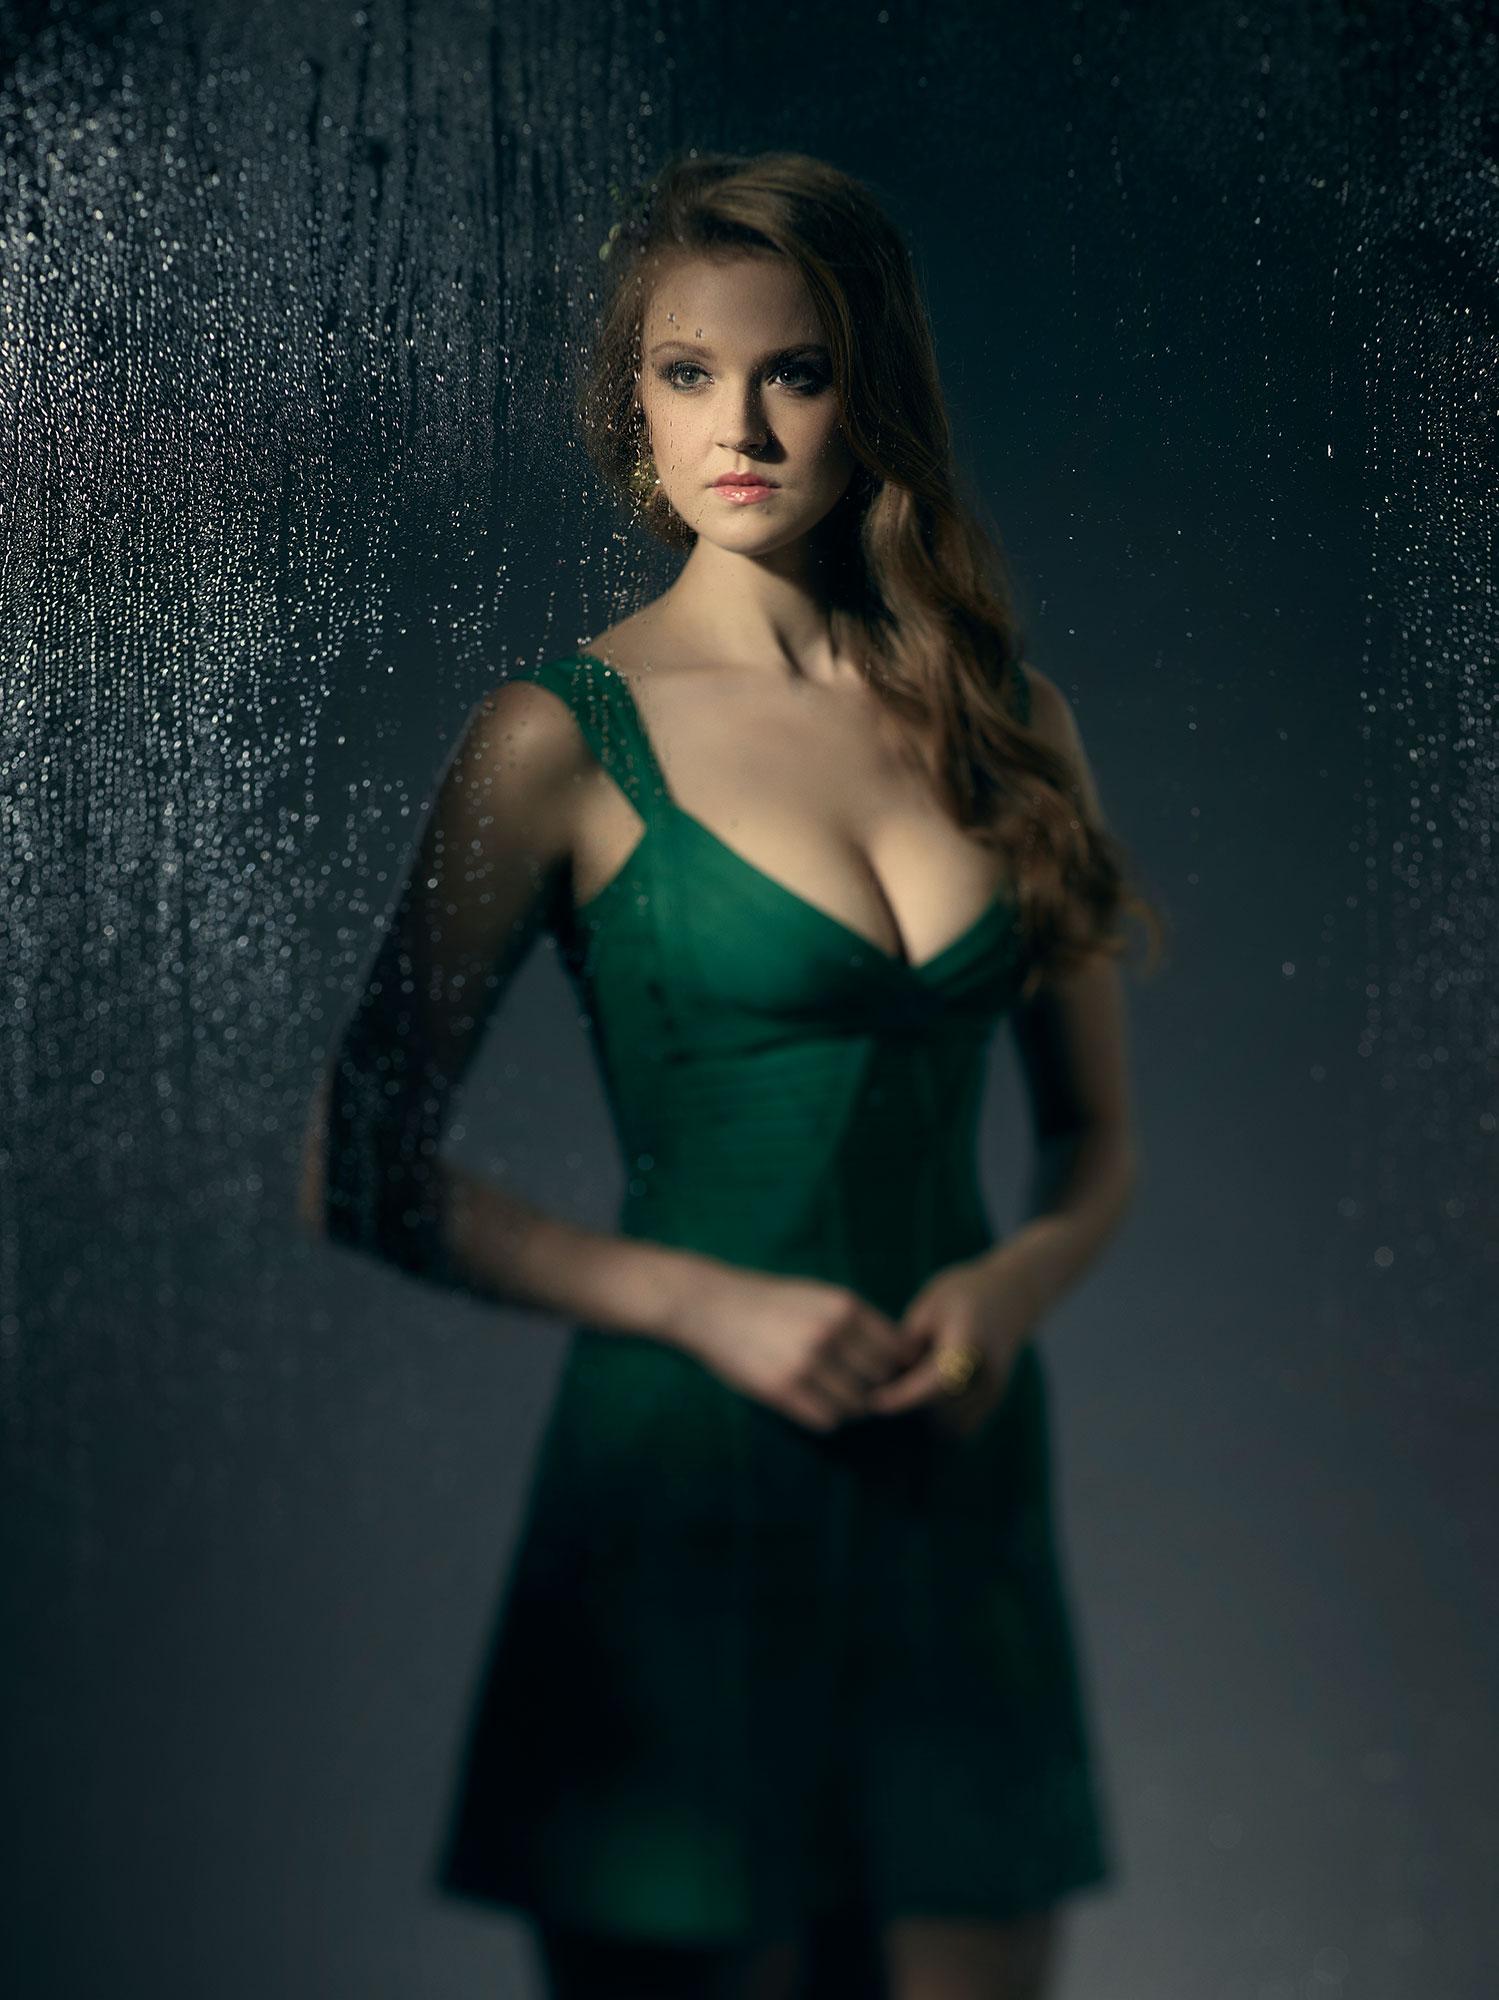 Maggie Geha as Poison Ivy - Gotham